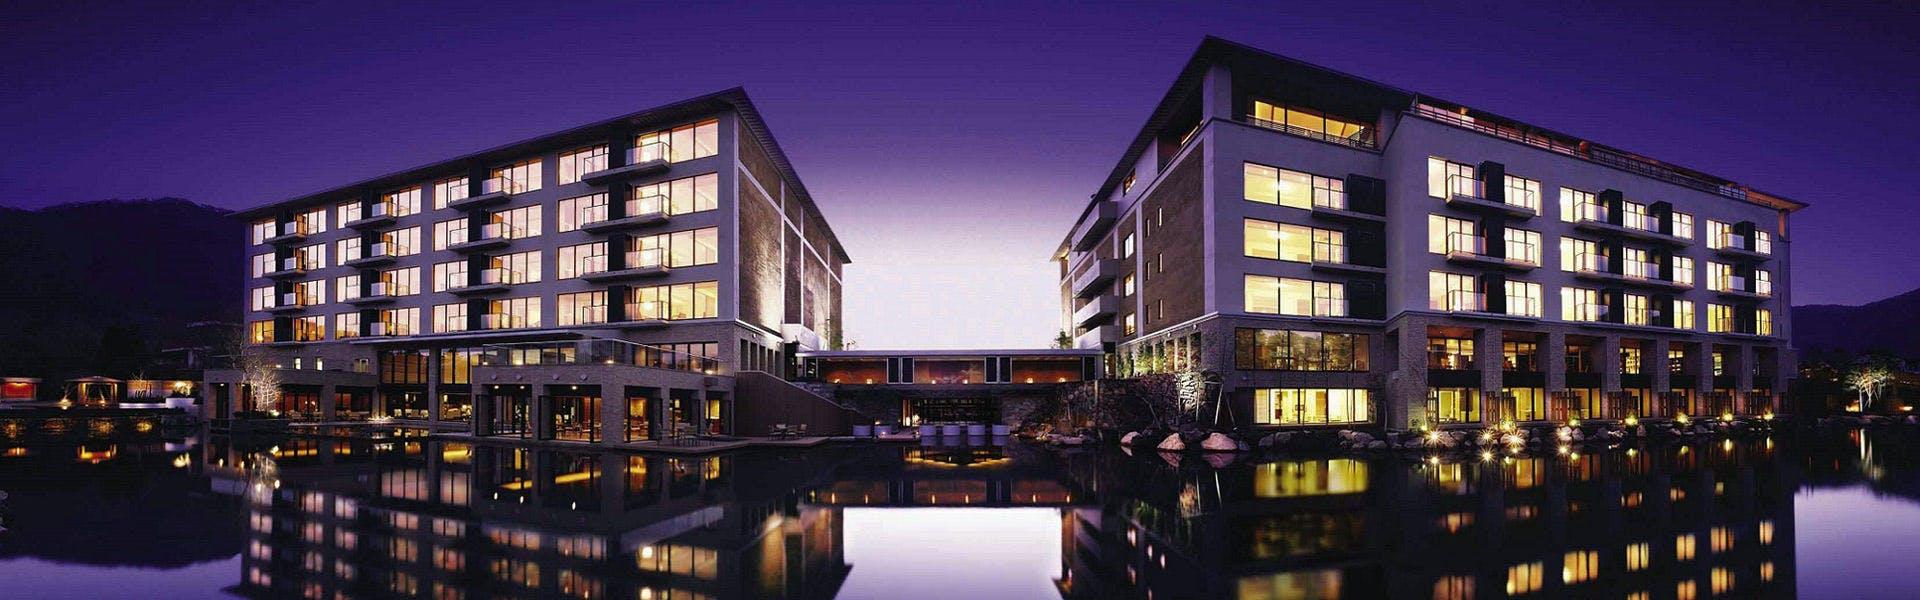 記念日におすすめのホテル・【ホテルハーヴェスト箱根甲子園】の写真1